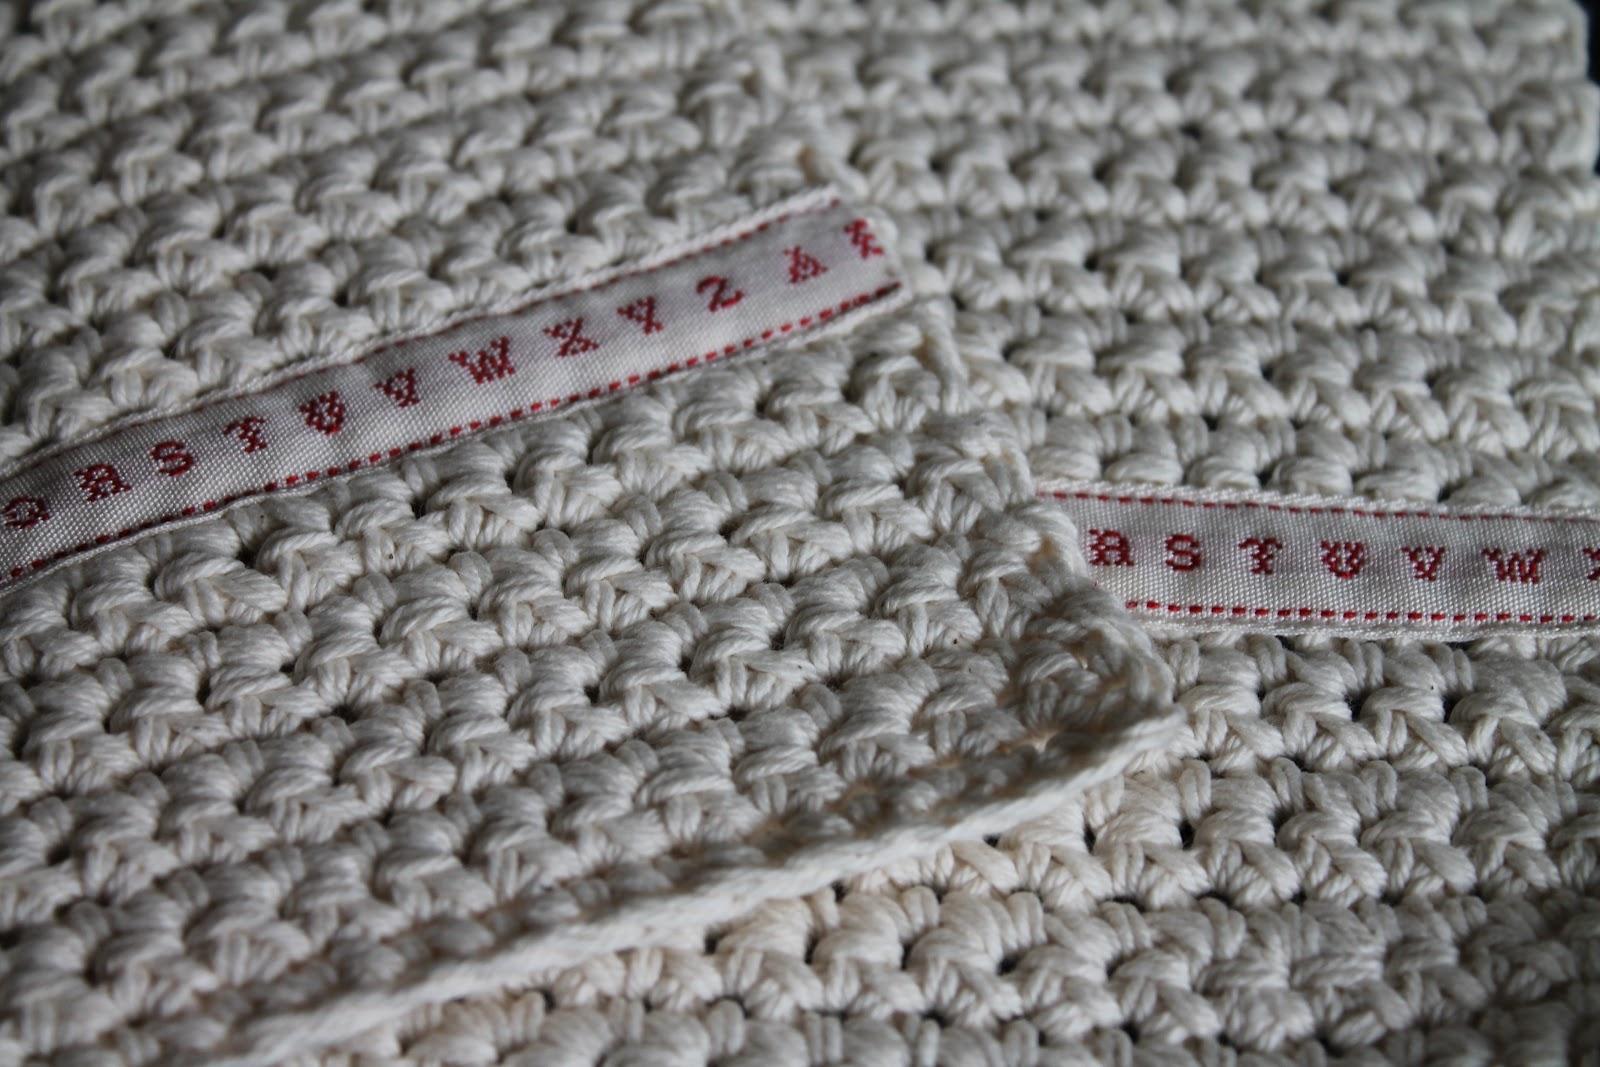 Needles of eve